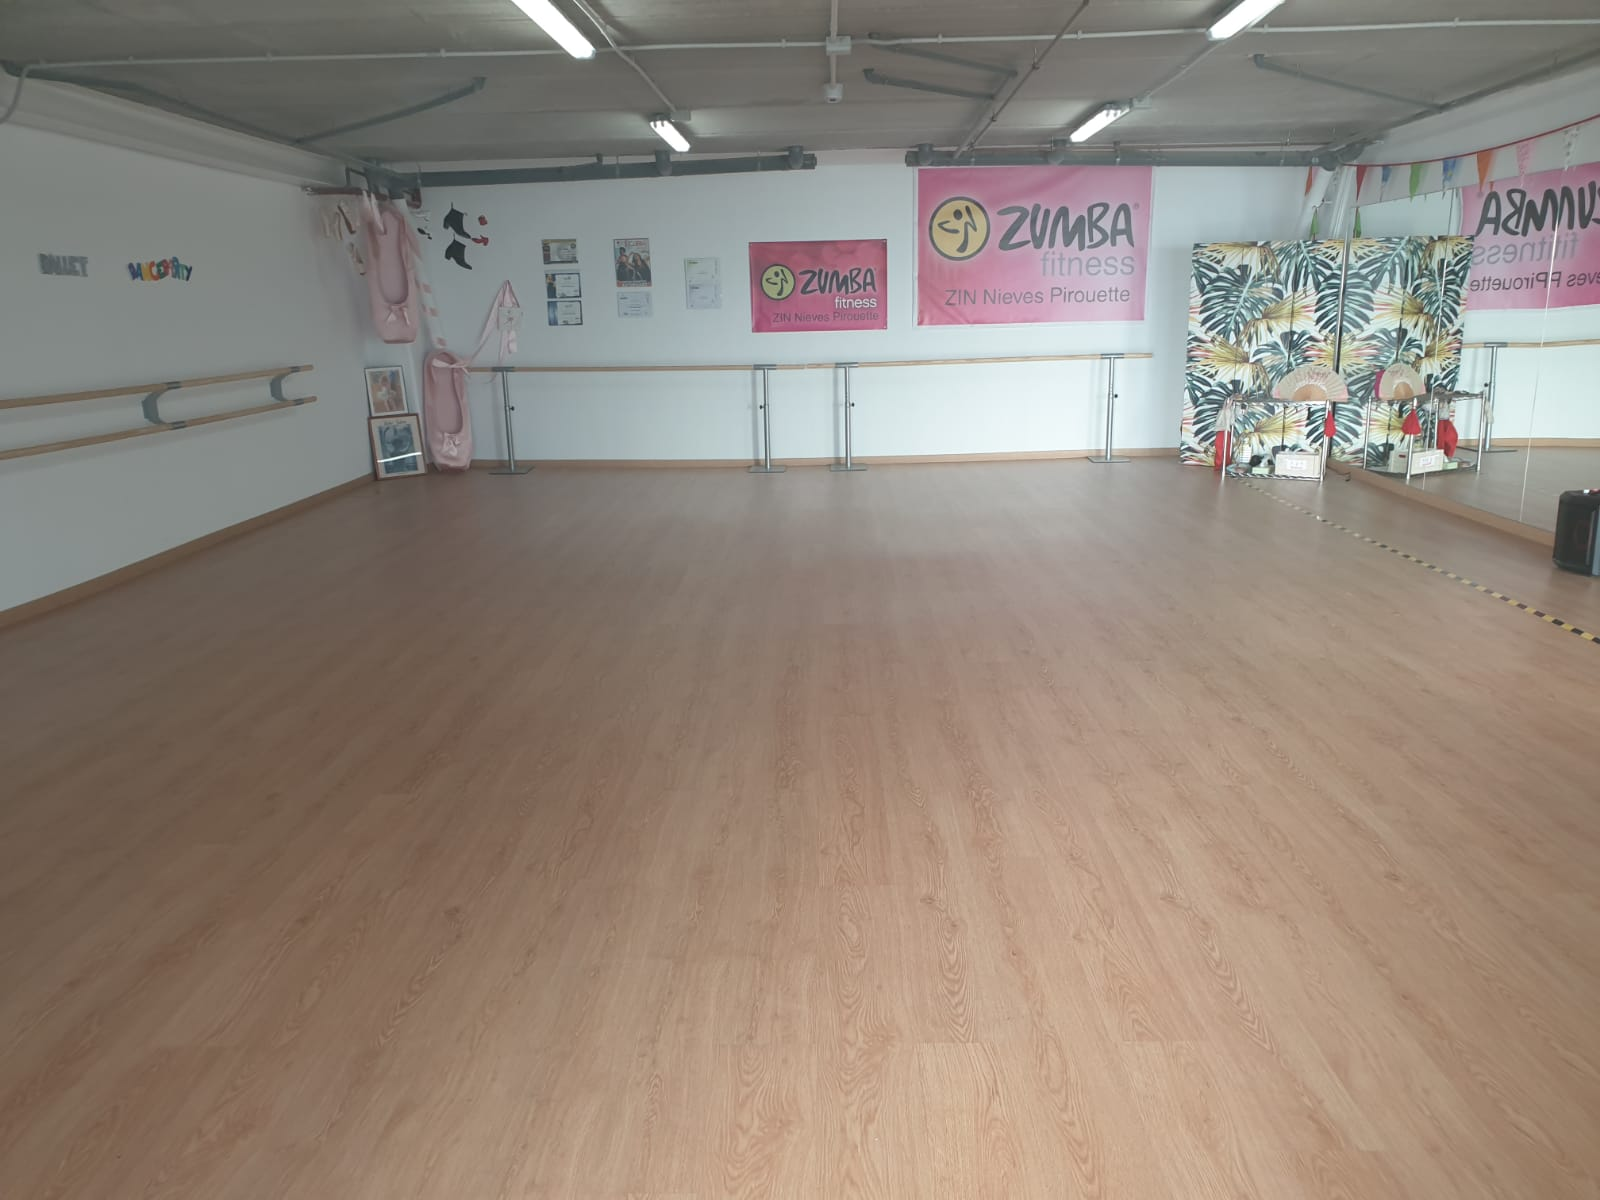 La escuela municipal de danza ya cuenta con una nueva sala totalmente acondicionada para realizar la actividad.